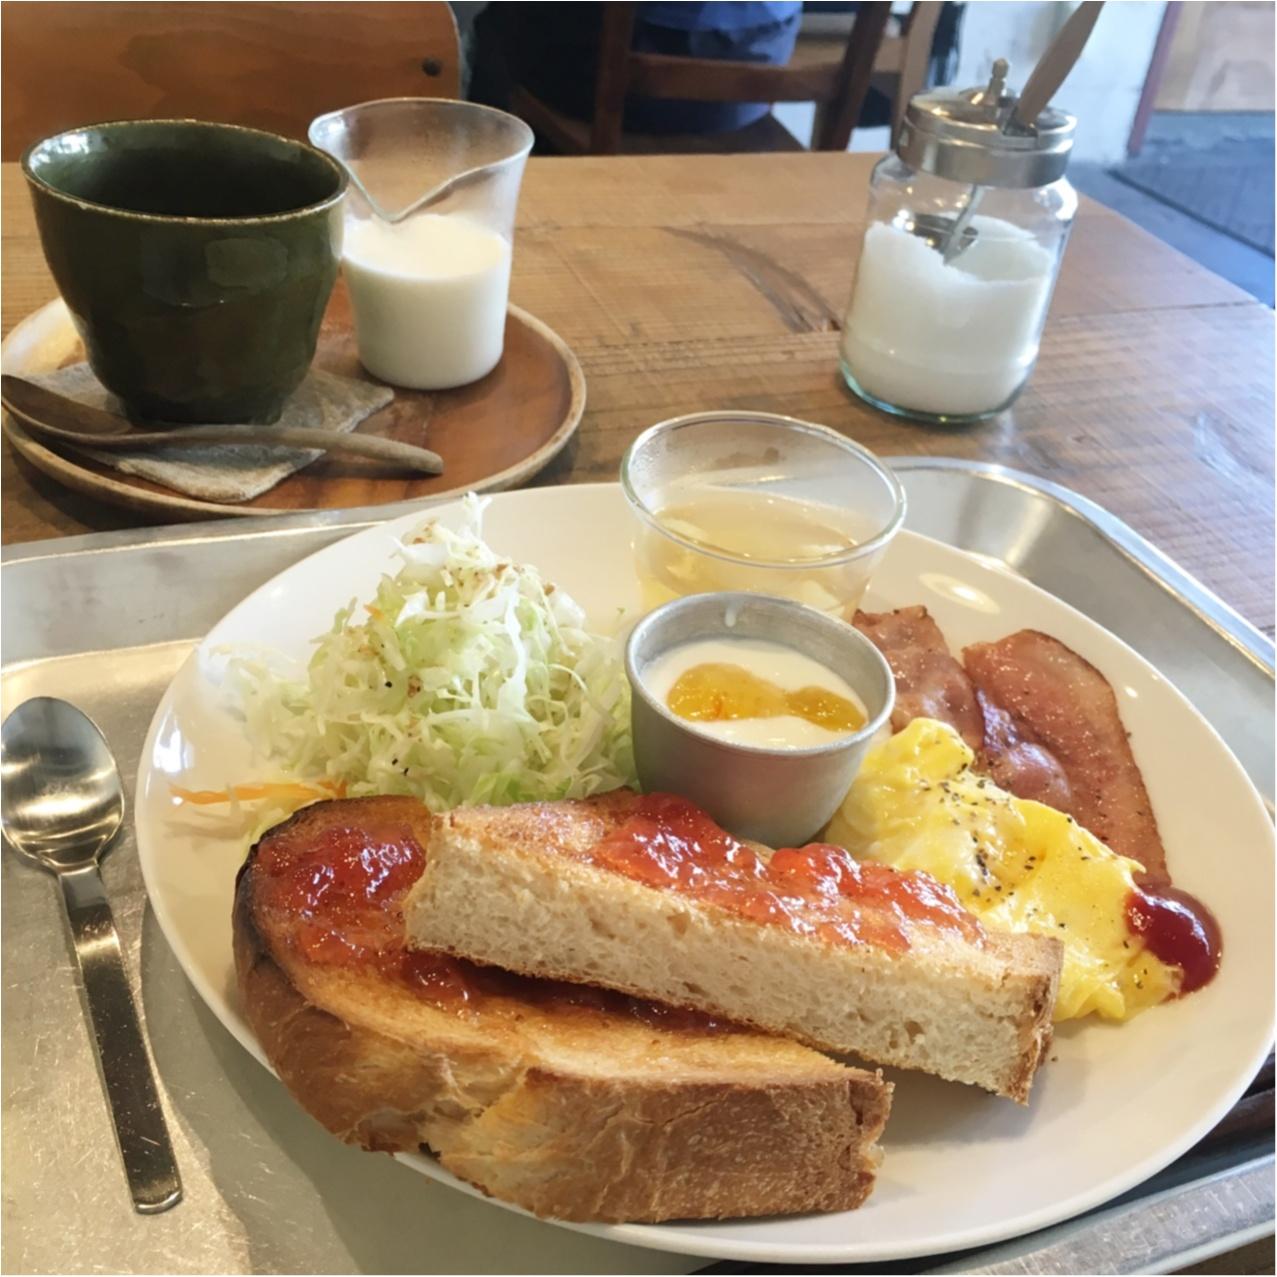 おすすめの喫茶店・カフェ特集 - 東京のレトロな喫茶店4選など、全国のフォトジェニックなカフェまとめ_27